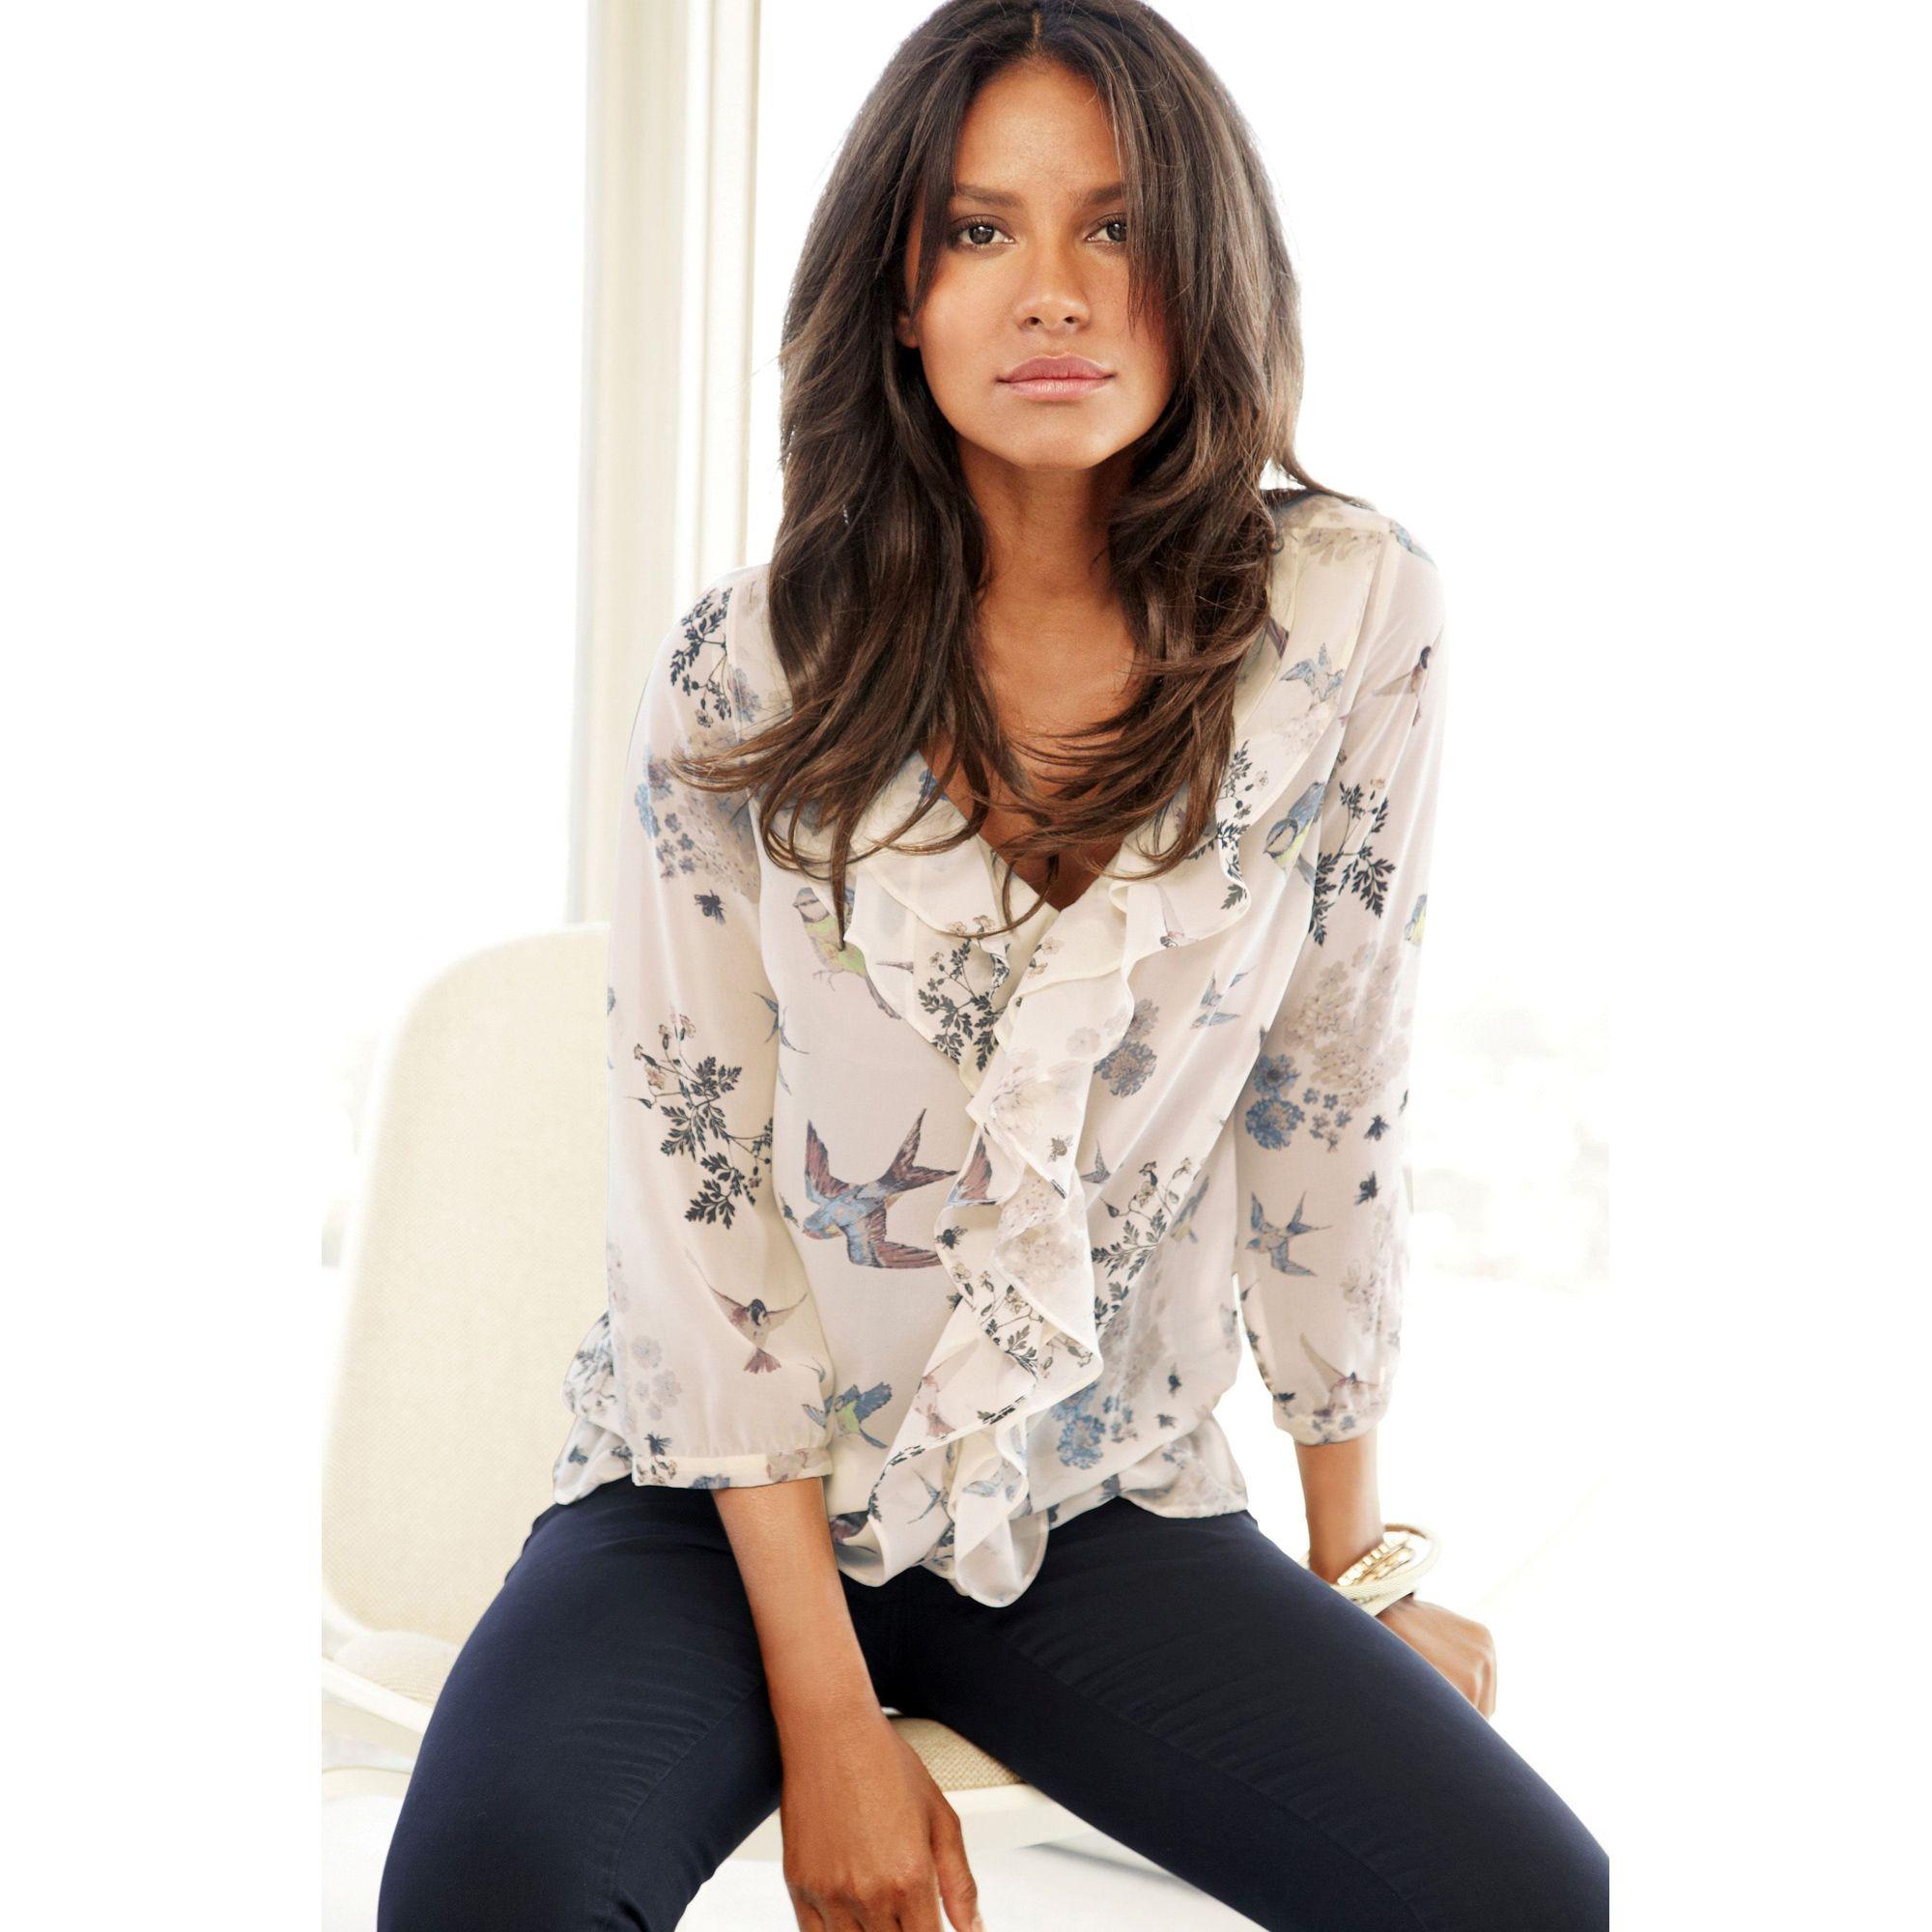 leChouchou.com : Haut imprimé couleur crème NEXT Next- mode - Femme - T-shirt et débardeur -